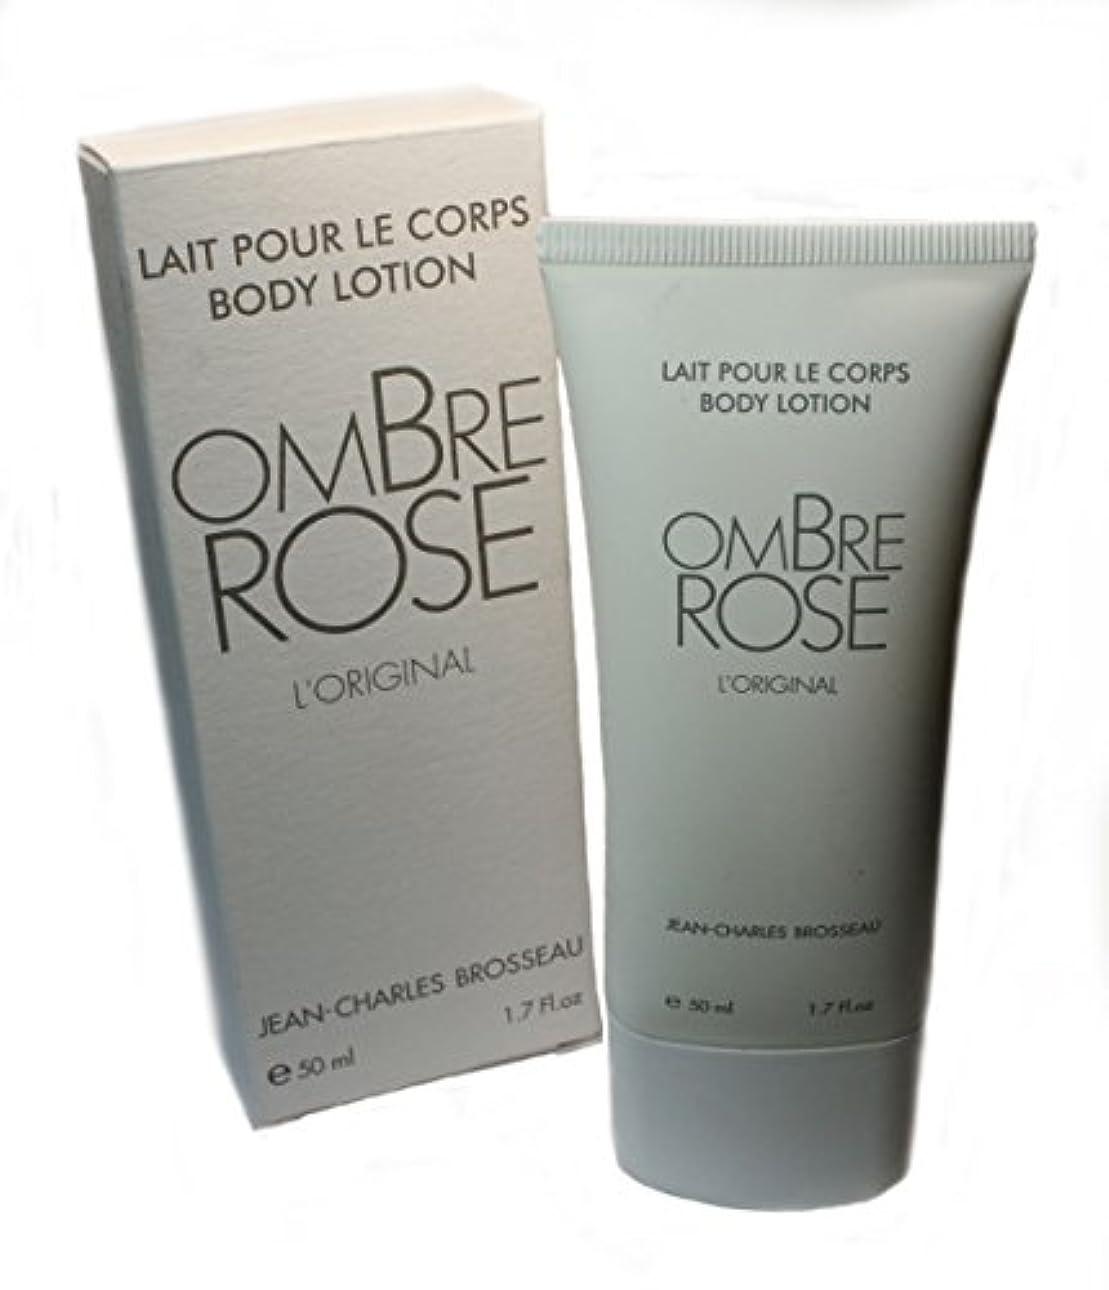 結果としてチェリークレジットJean-Charles Brosseau Ombre Rose L'Original Body Lotion(ジャン シャルル ブロッソー オンブル ローズ オリジナル ボディーローション)50ml